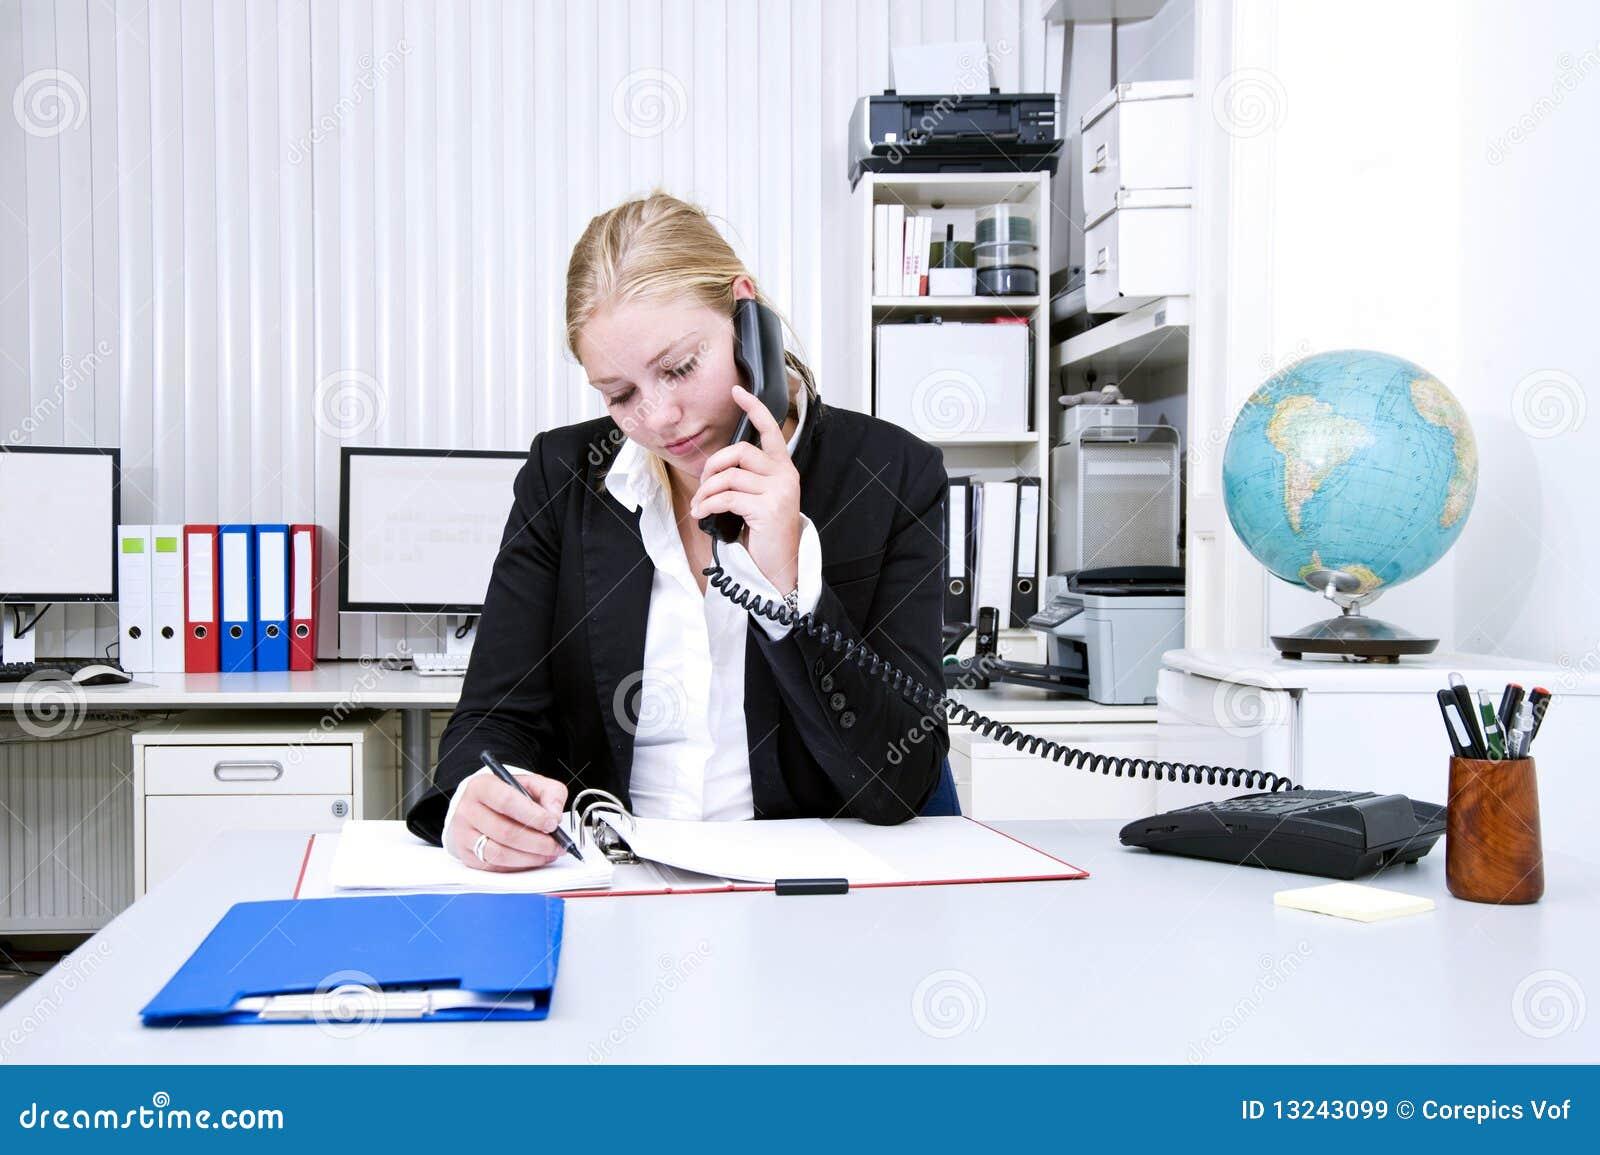 Lavoro d 39 ufficio immagini stock libere da diritti for Ufficio lavoro